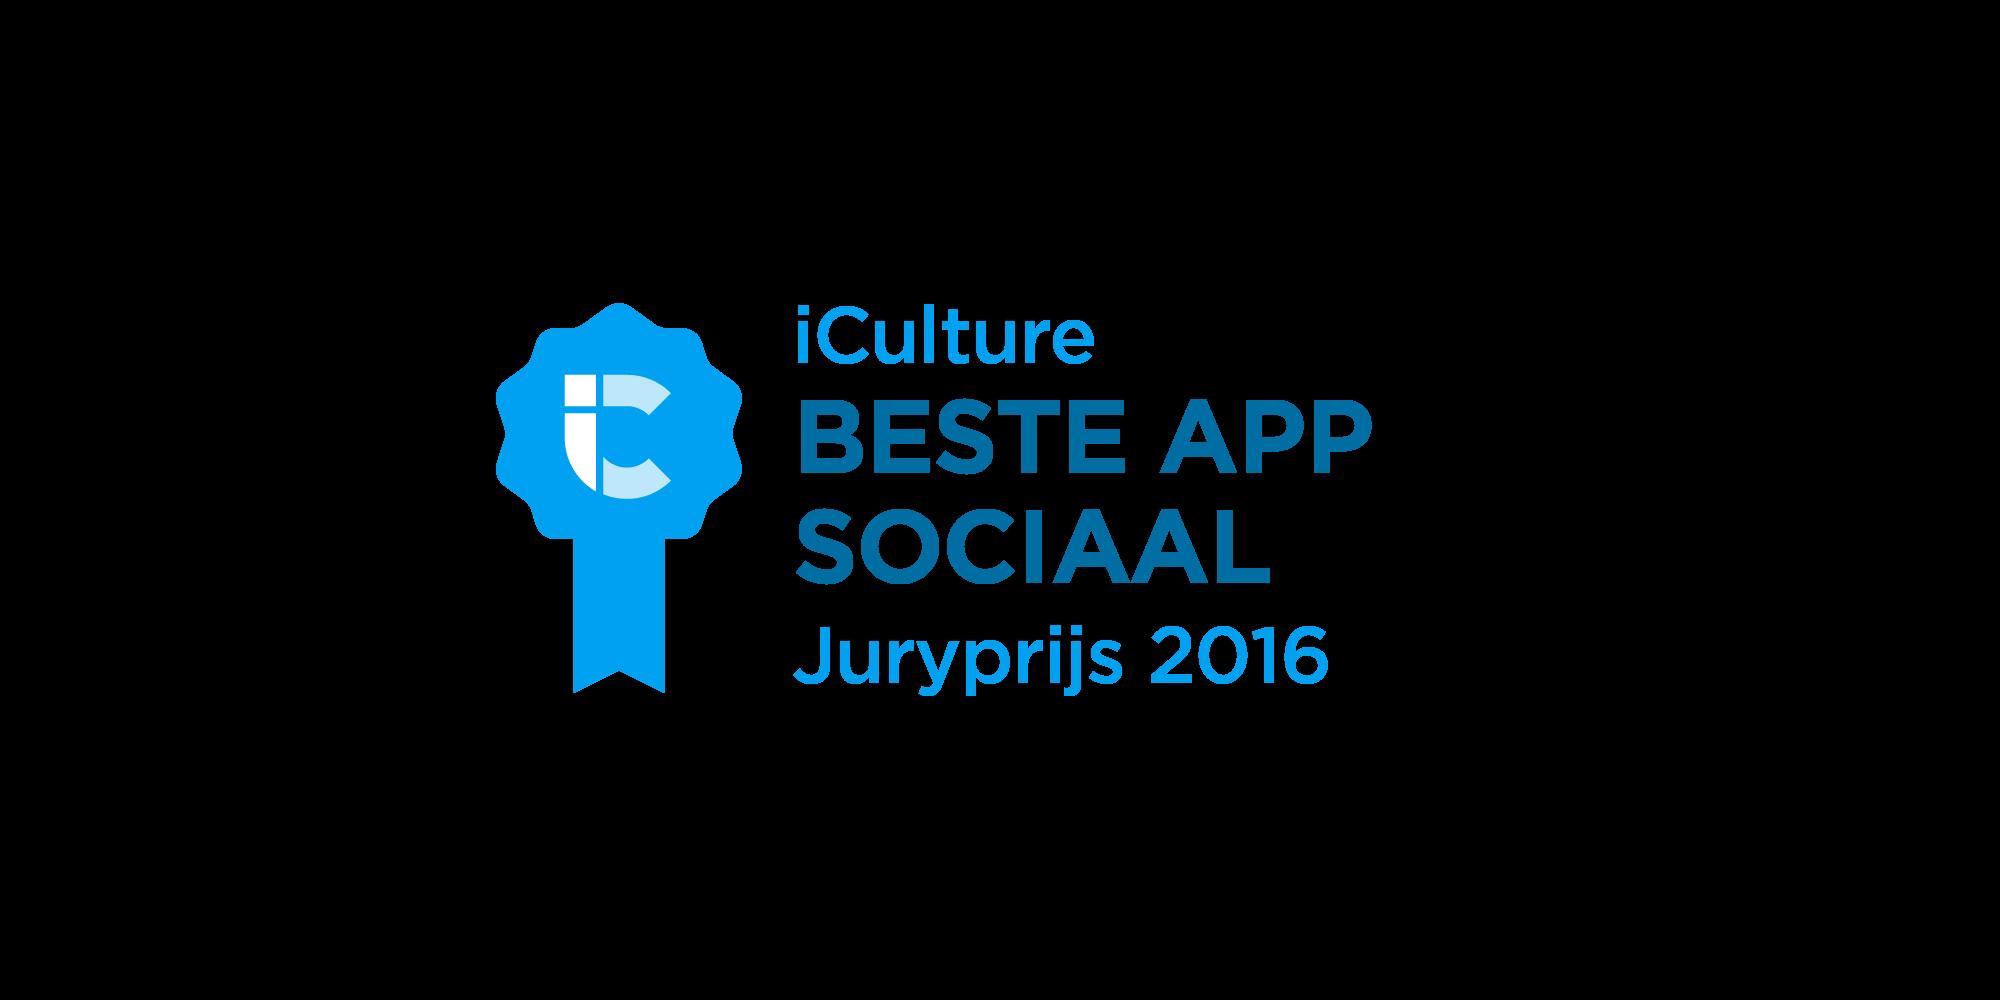 iCulture Beste App Sociaal 2016